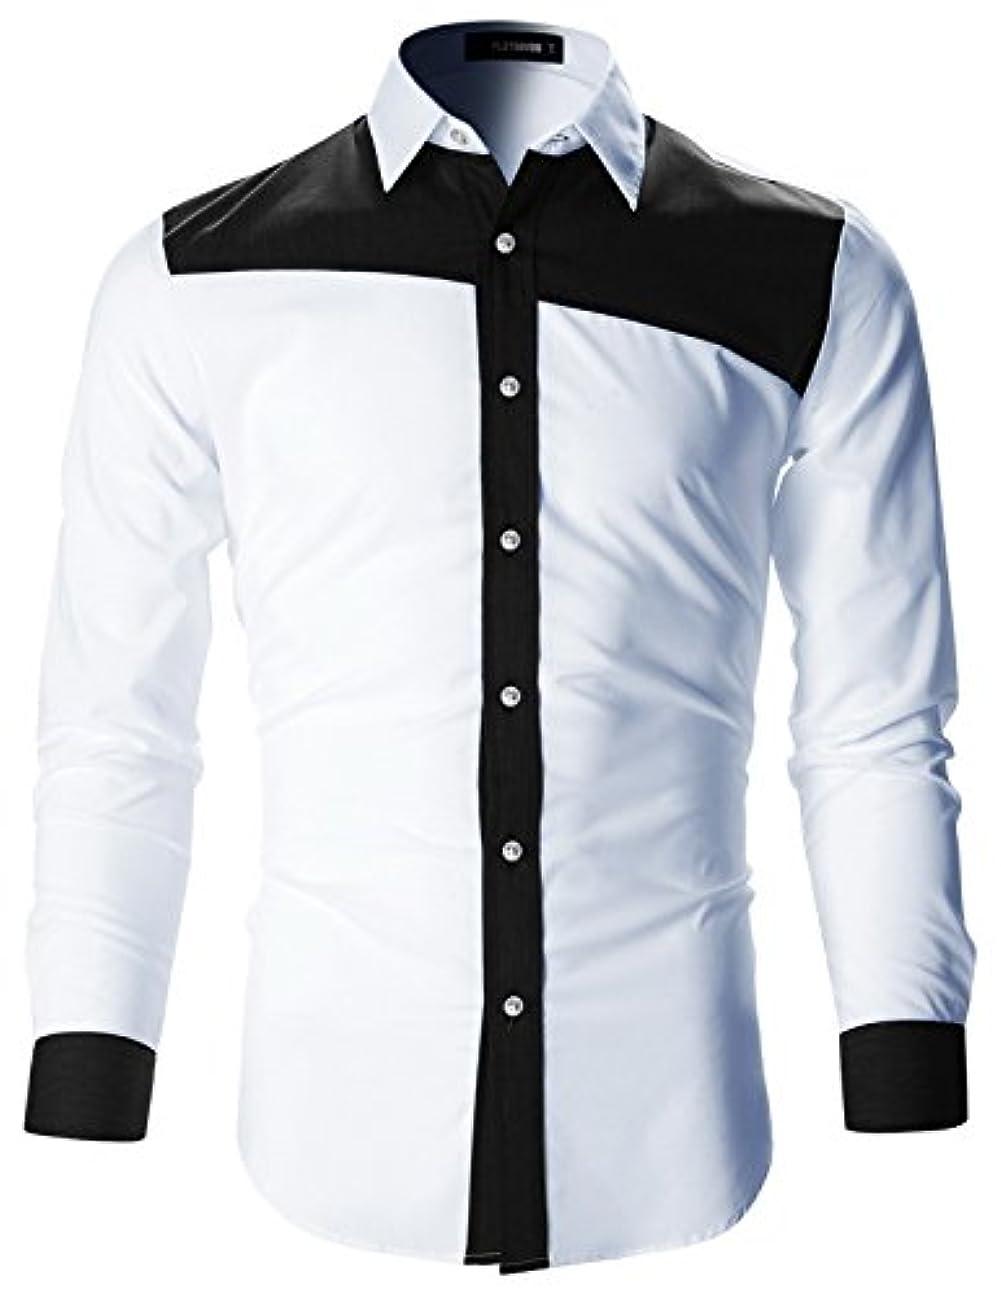 トライアスリート自転車腐食する(フラットセブン) FLATSEVEN メンズ デザイナー スリム フィット ドレス シャツ